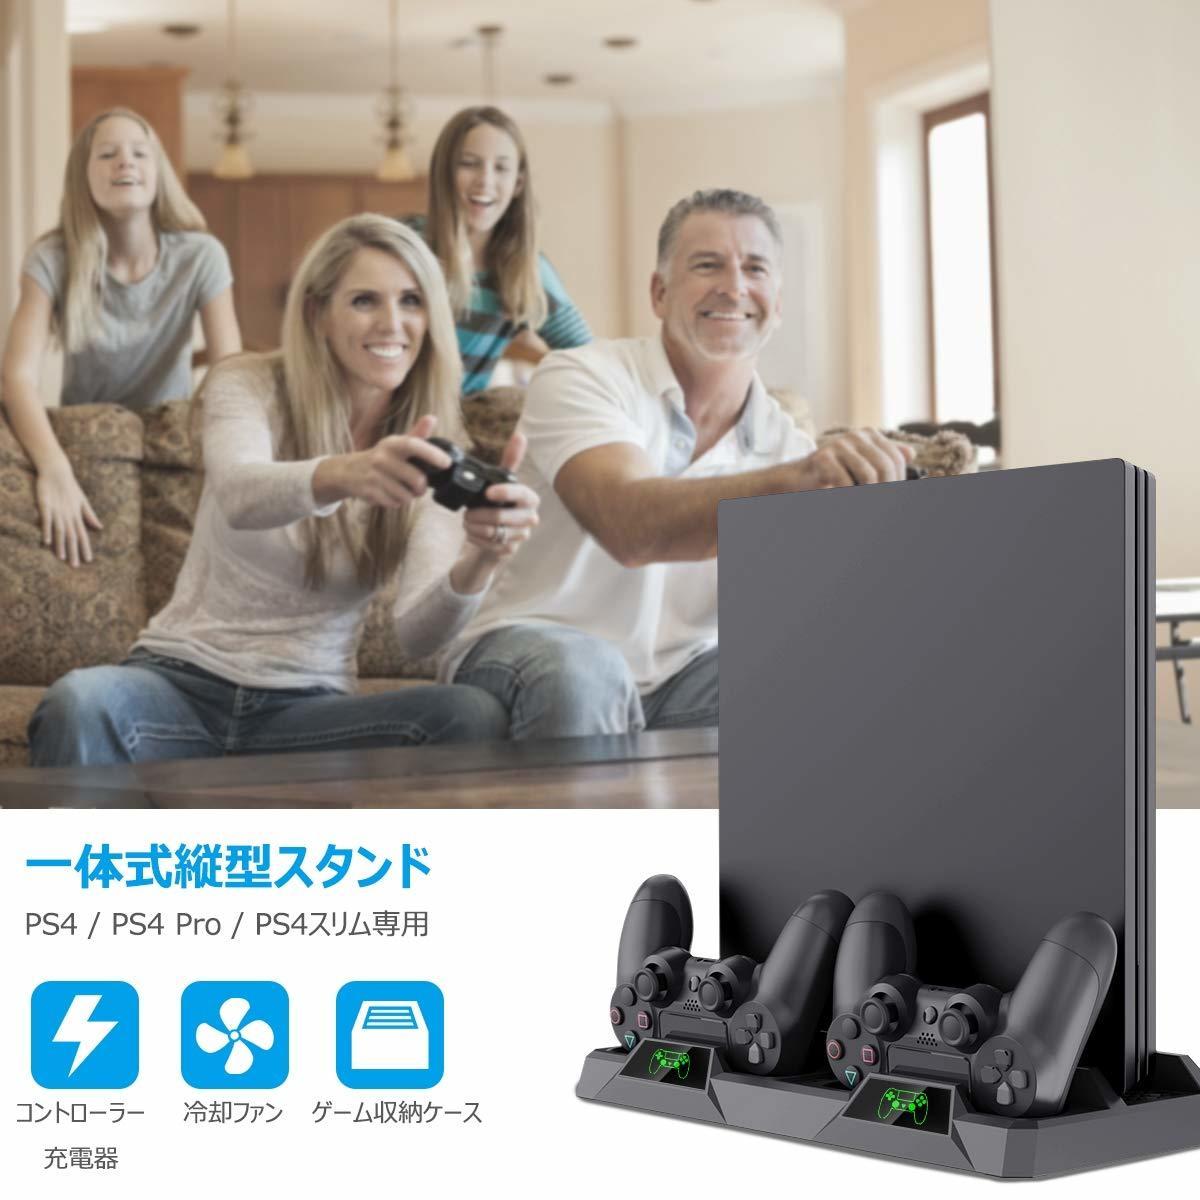 【新品 大人気】PS4 専用 縦置きスタンド プレステ プレイステーション コントローラ 充電スタンド ゲームディスク収納可能 ポイント消化_画像2